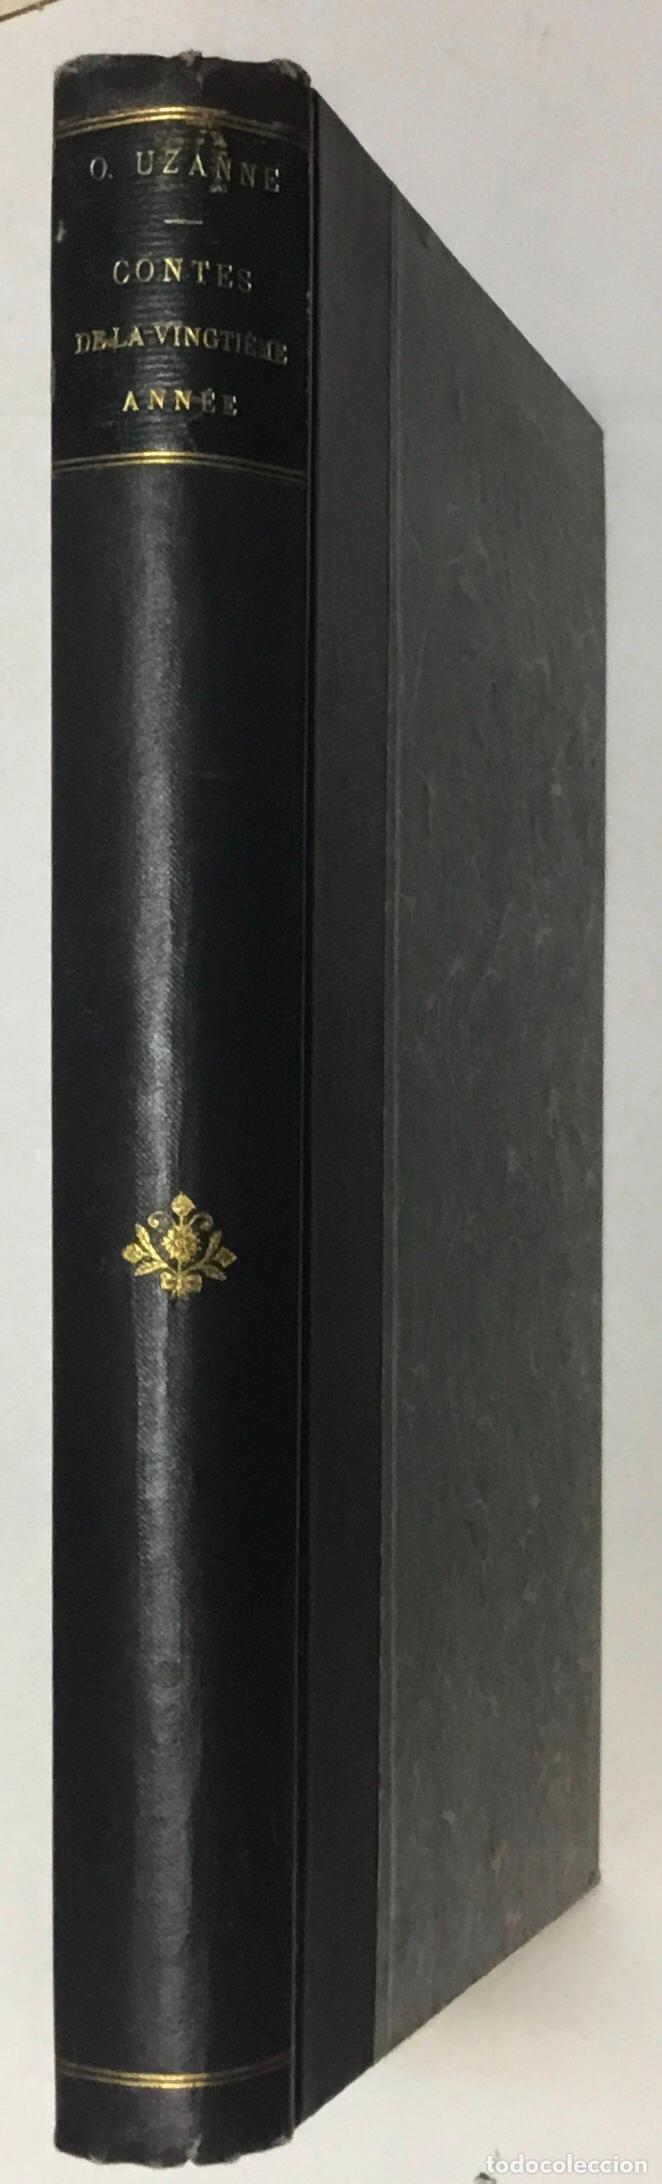 Libros antiguos: CONTES DE LA VINGTIÈME ANNÉE. Bric à Brac de lAmour. Calendrier de Vénus.... - UZANNE. - Foto 8 - 123254928